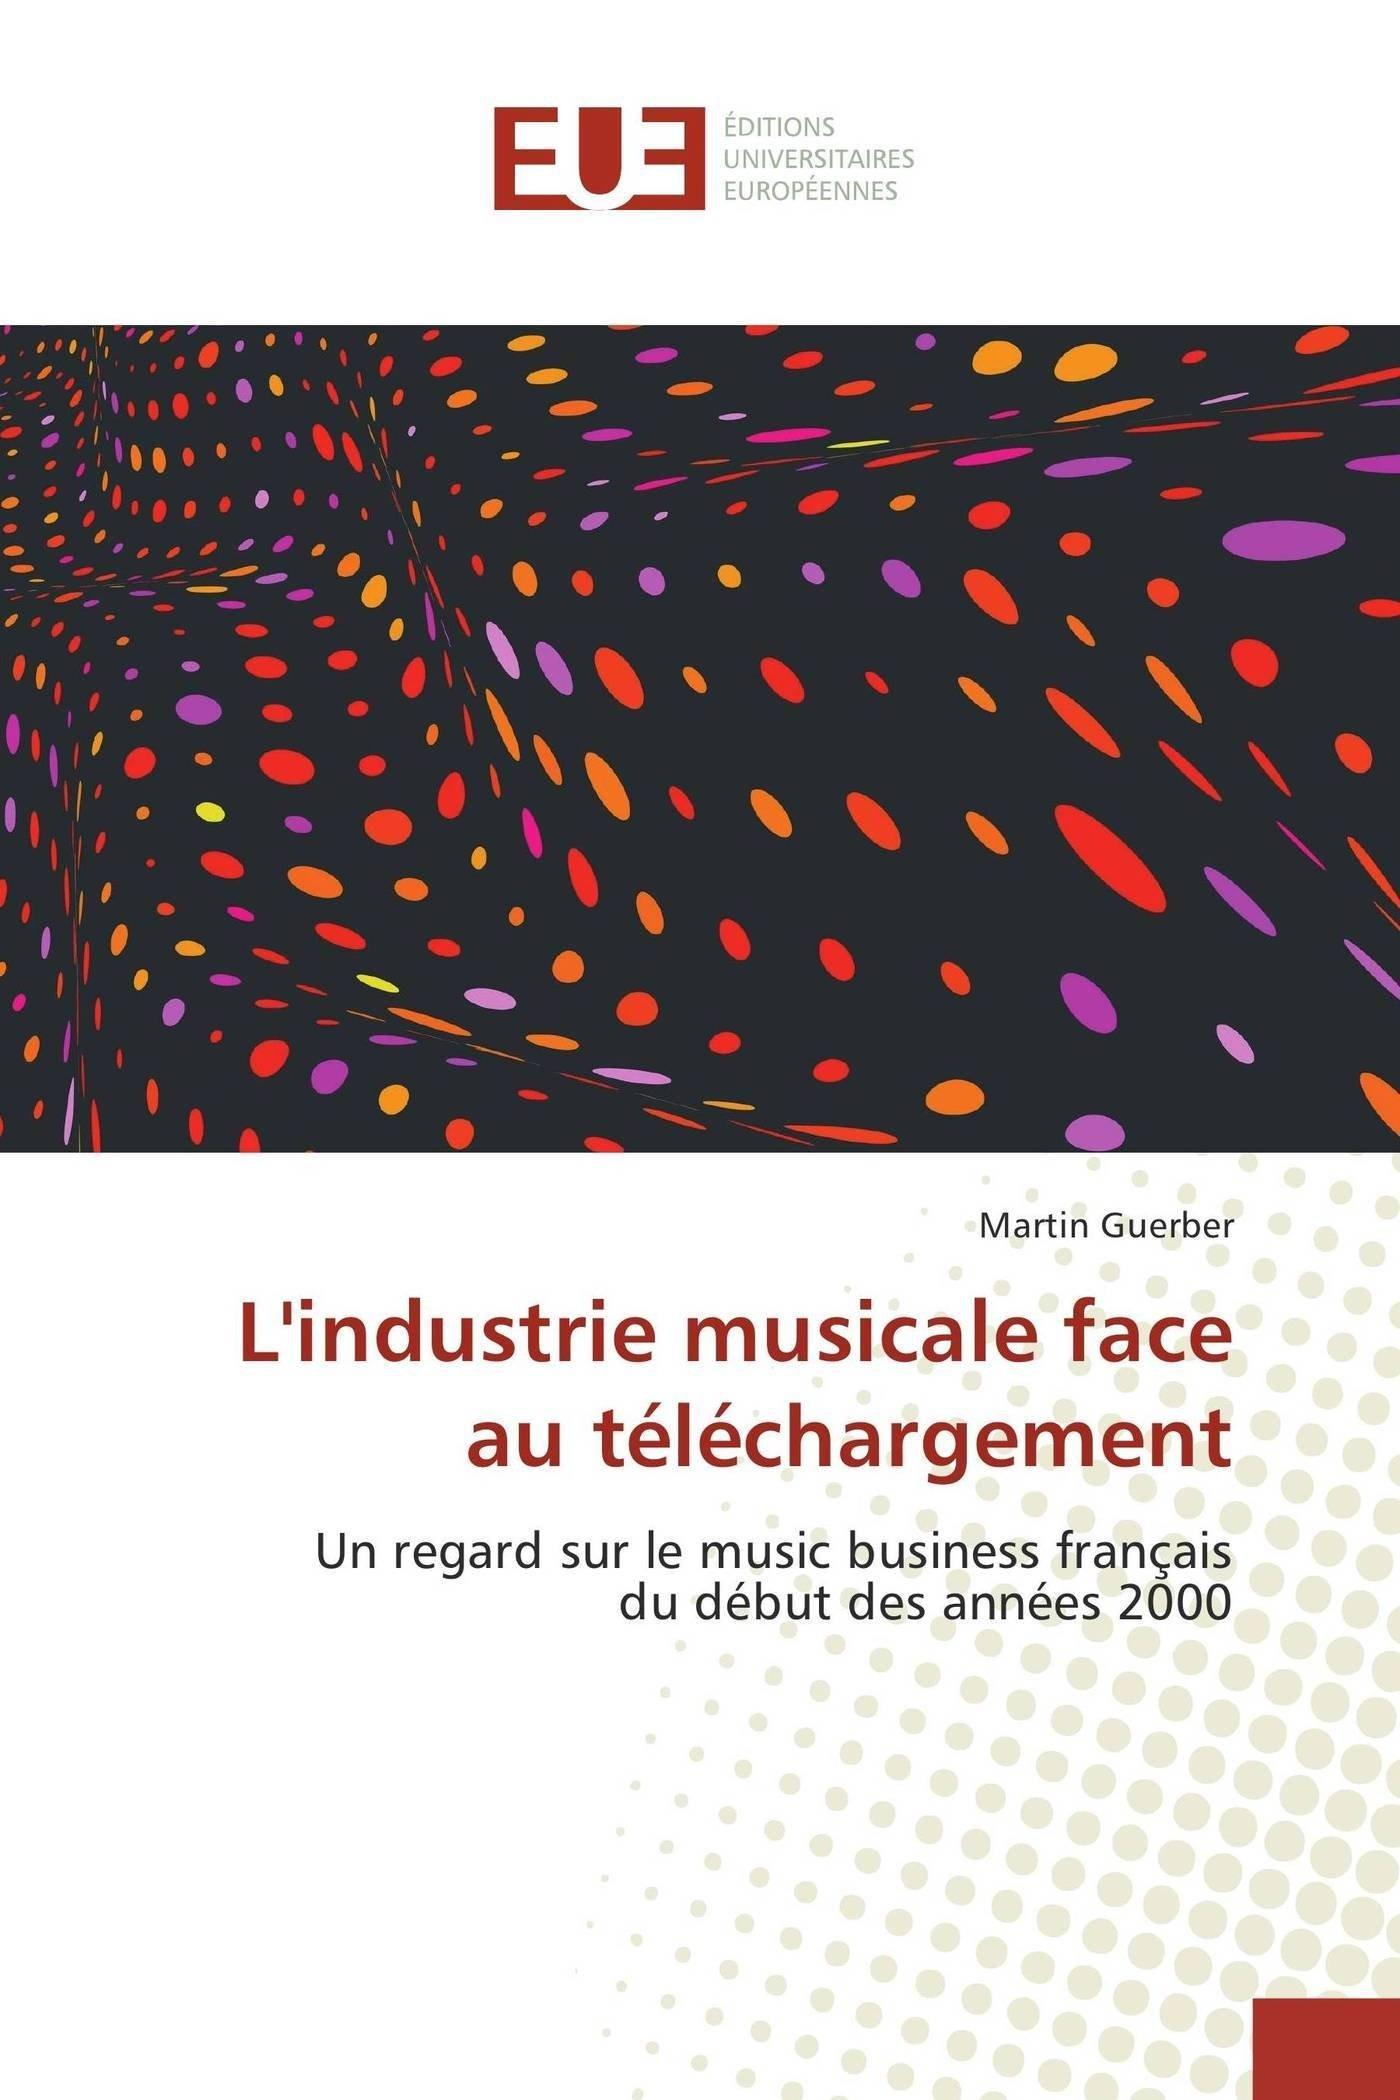 L'industrie musicale face au téléchargement: Un regard sur le music business français du début des années 2000 (French Edition) ebook